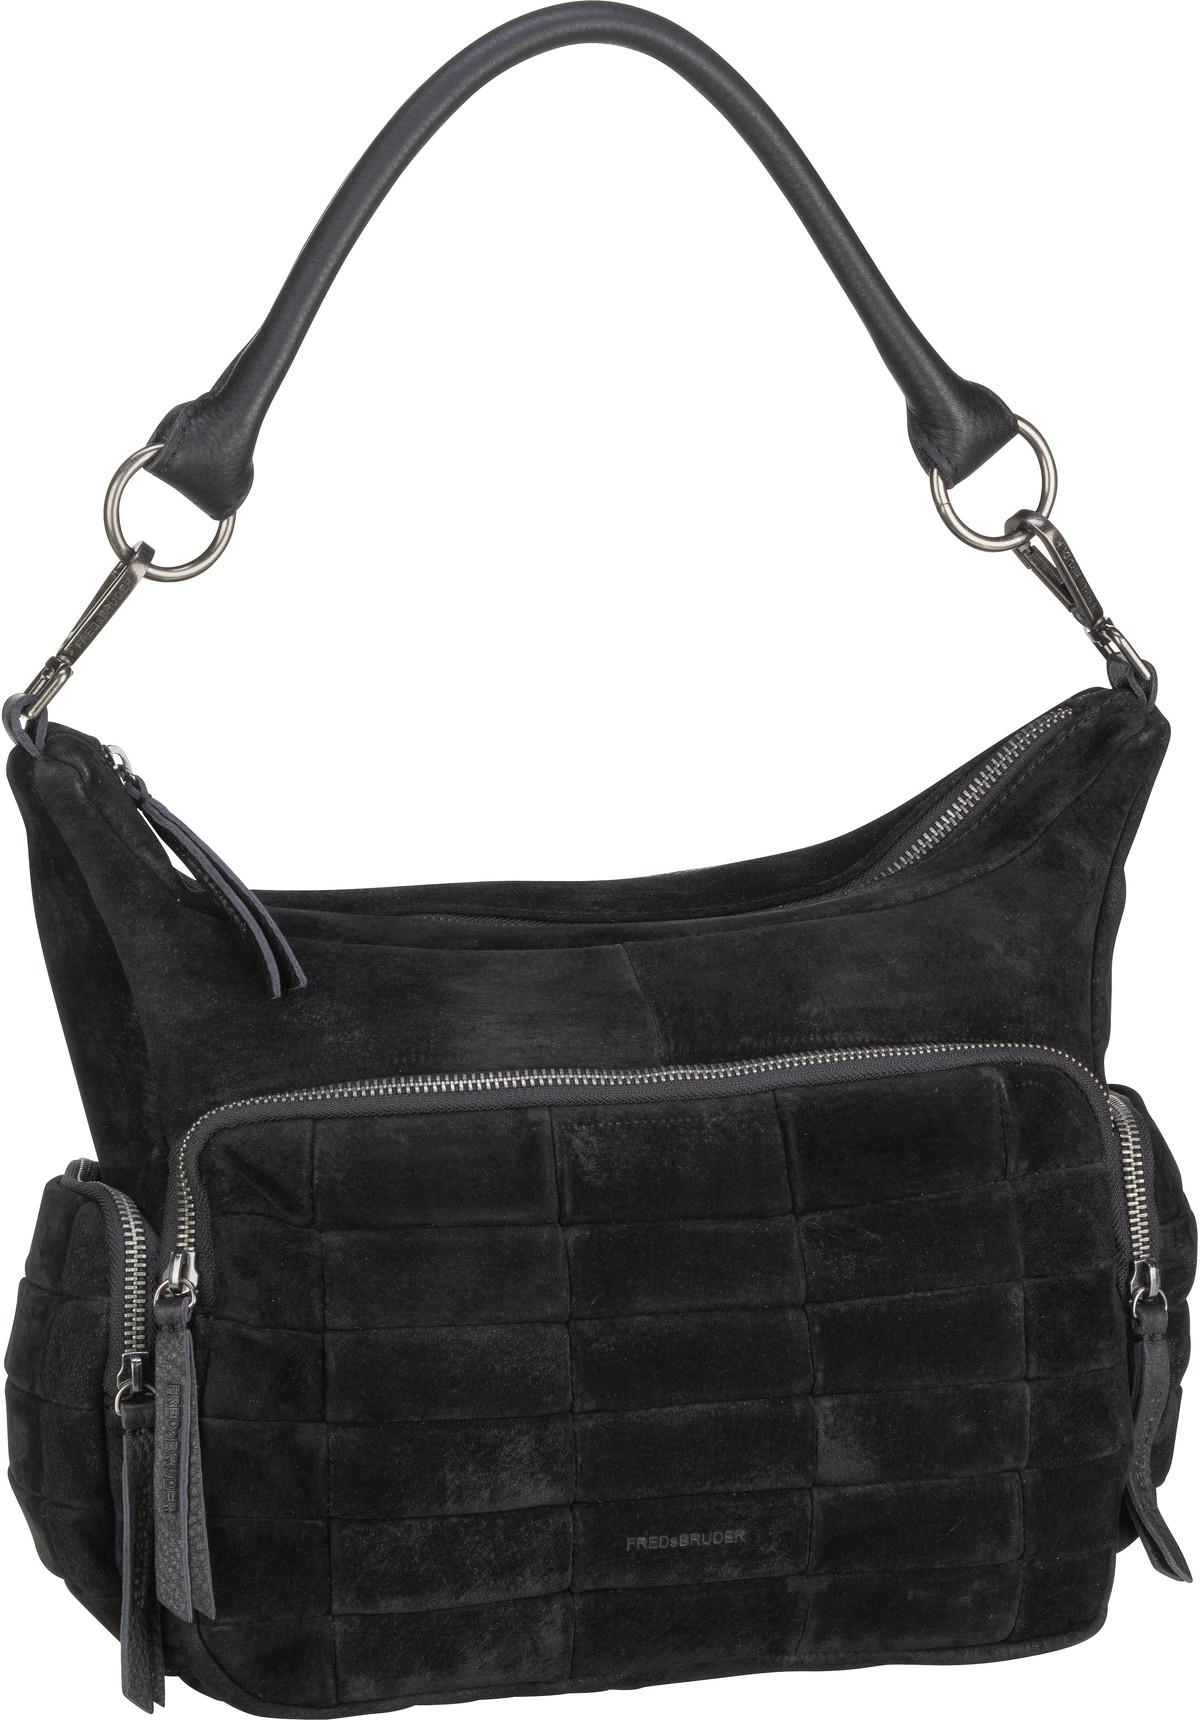 Handtasche Rocky Black